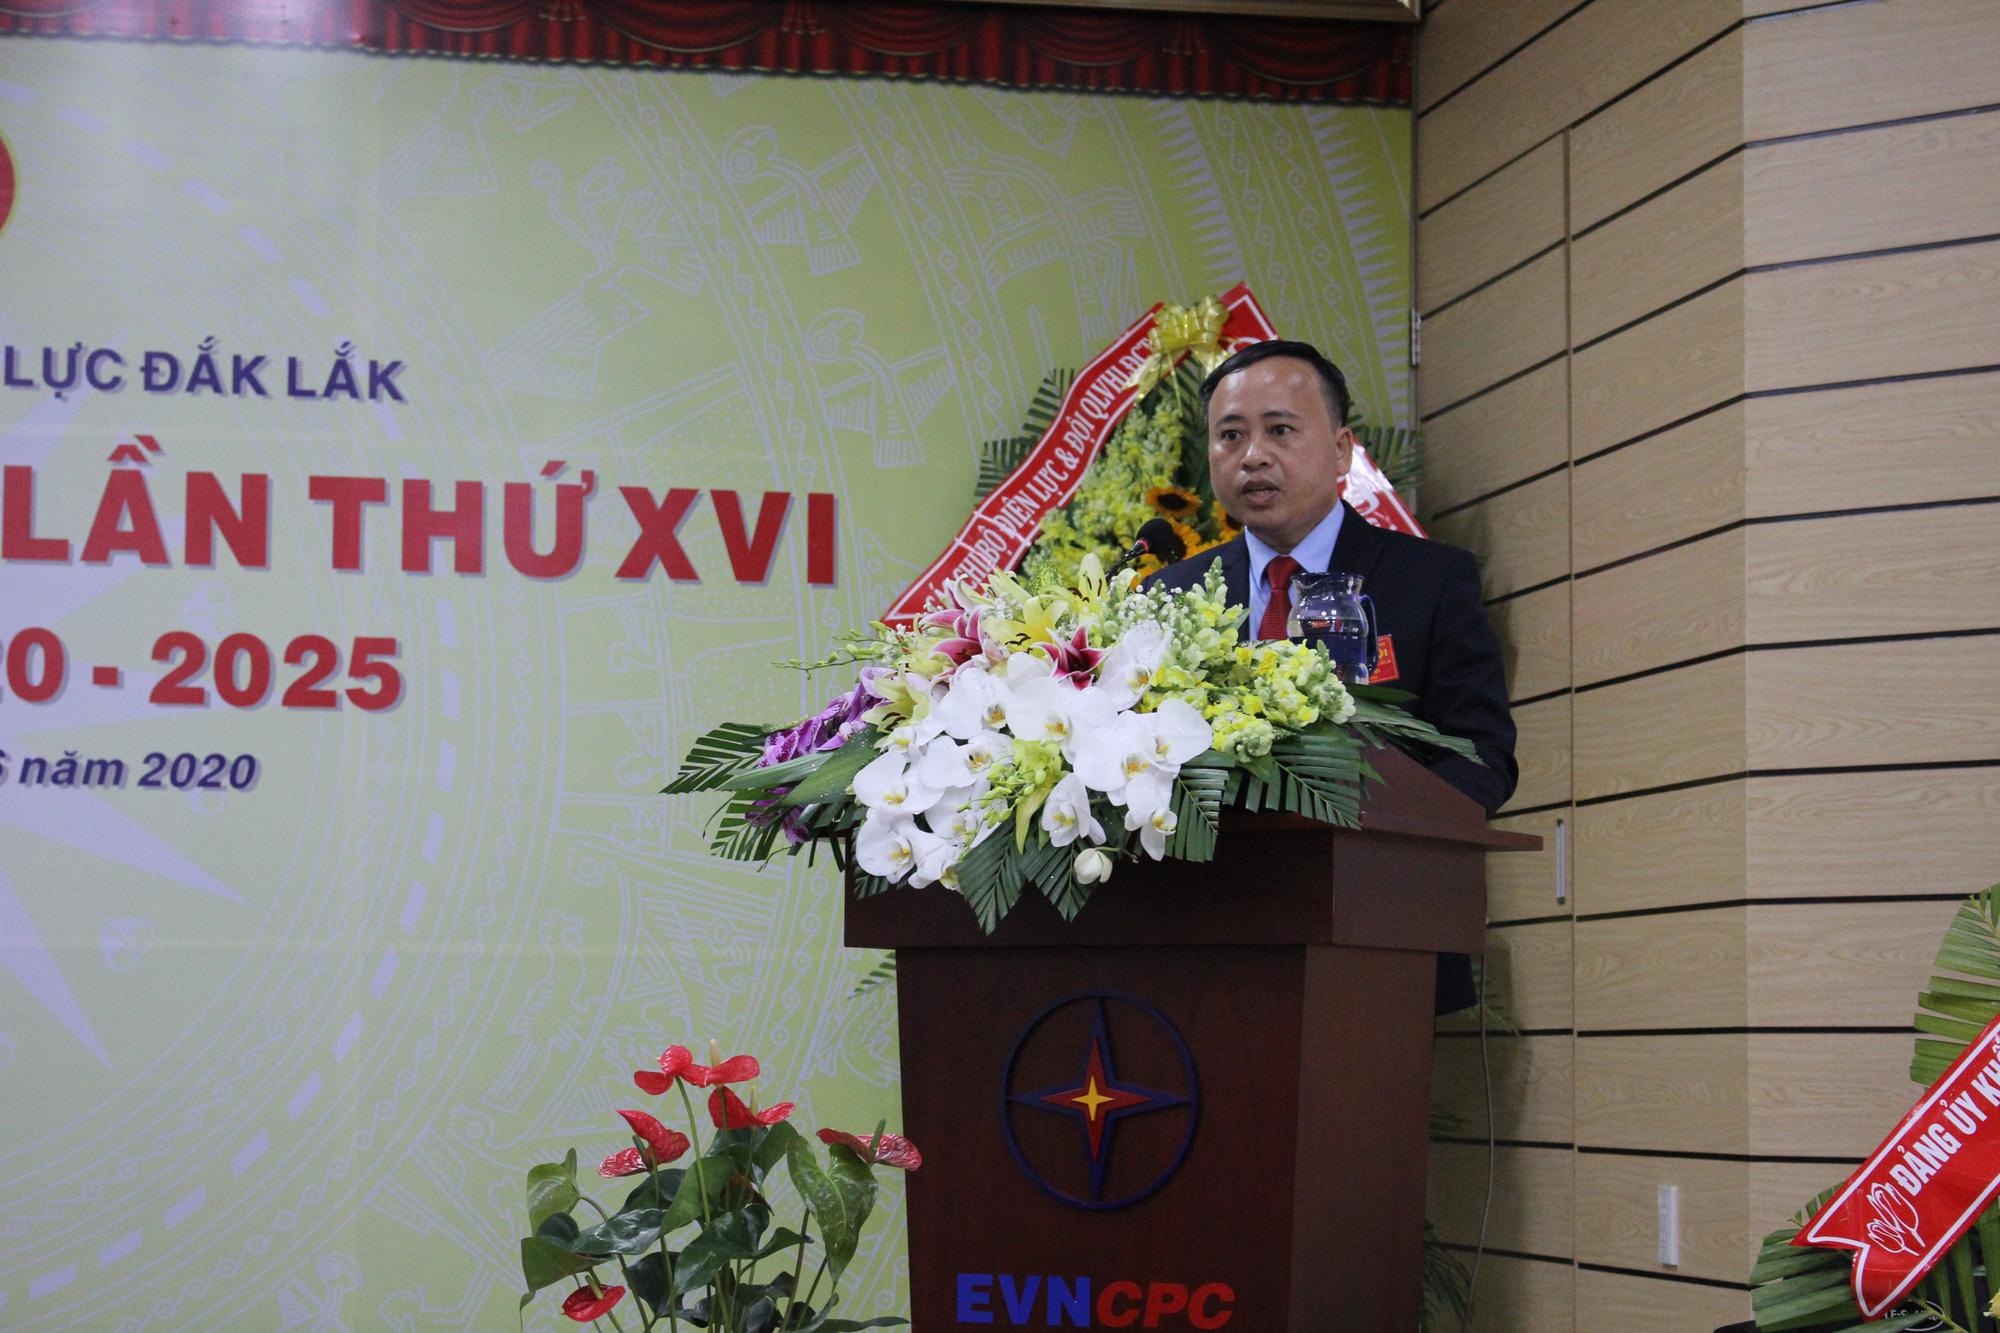 Công ty Điện lực Đắk Lắk tổ chức thành công Đại hội Đảng bộ lần thứ XVI, nhiệm kỳ 2020-2025 - Ảnh 1.